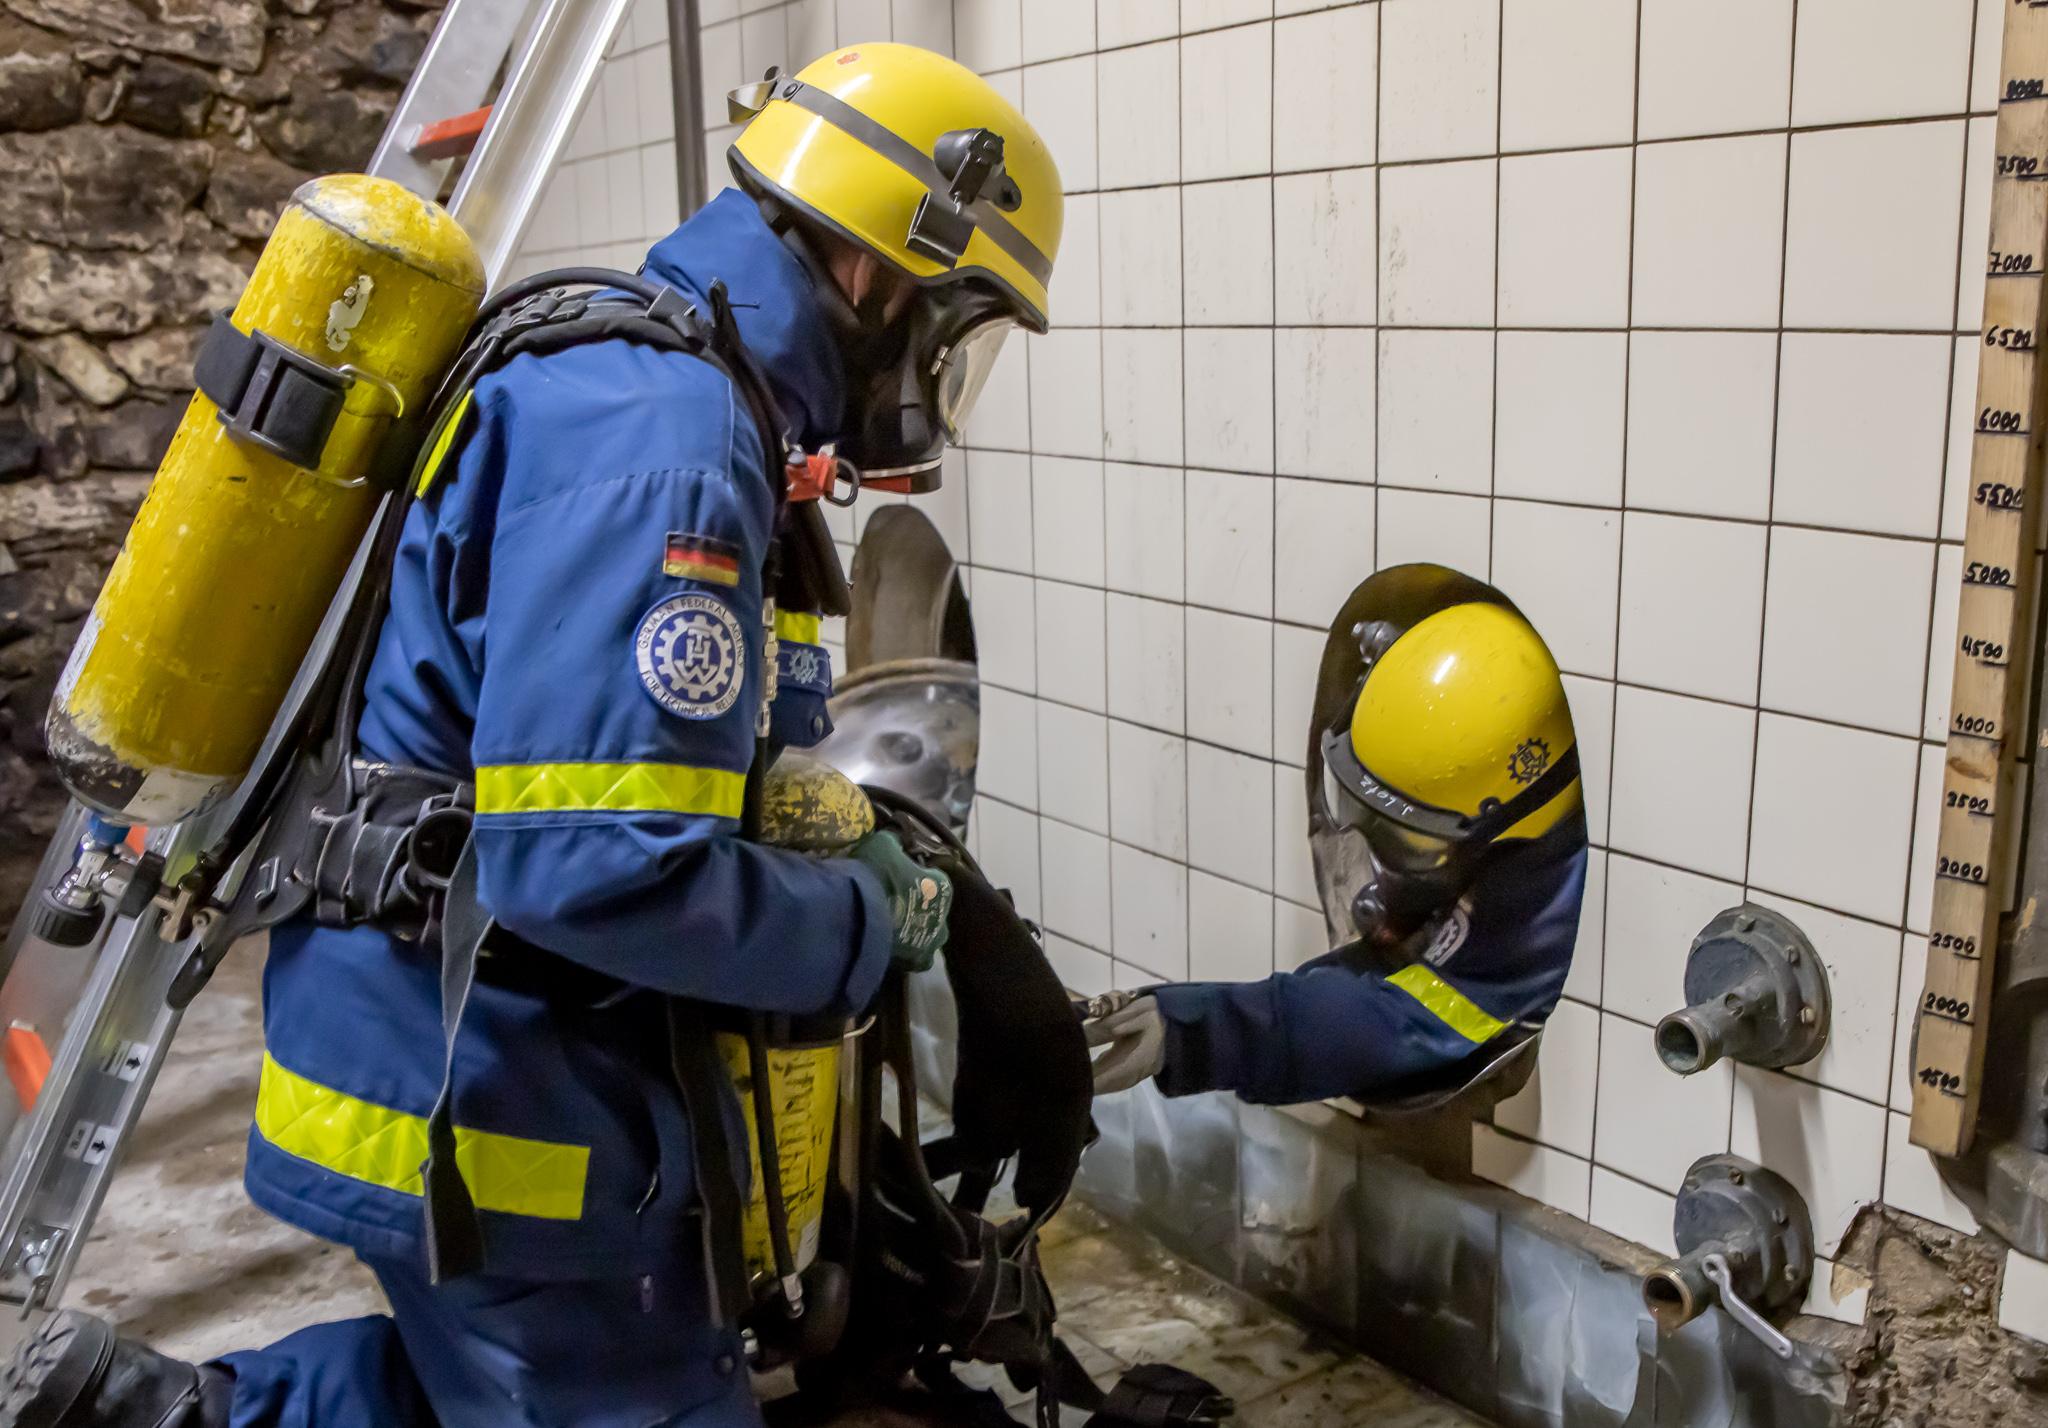 FeuerwehrSim 2019 Weinkeller-14